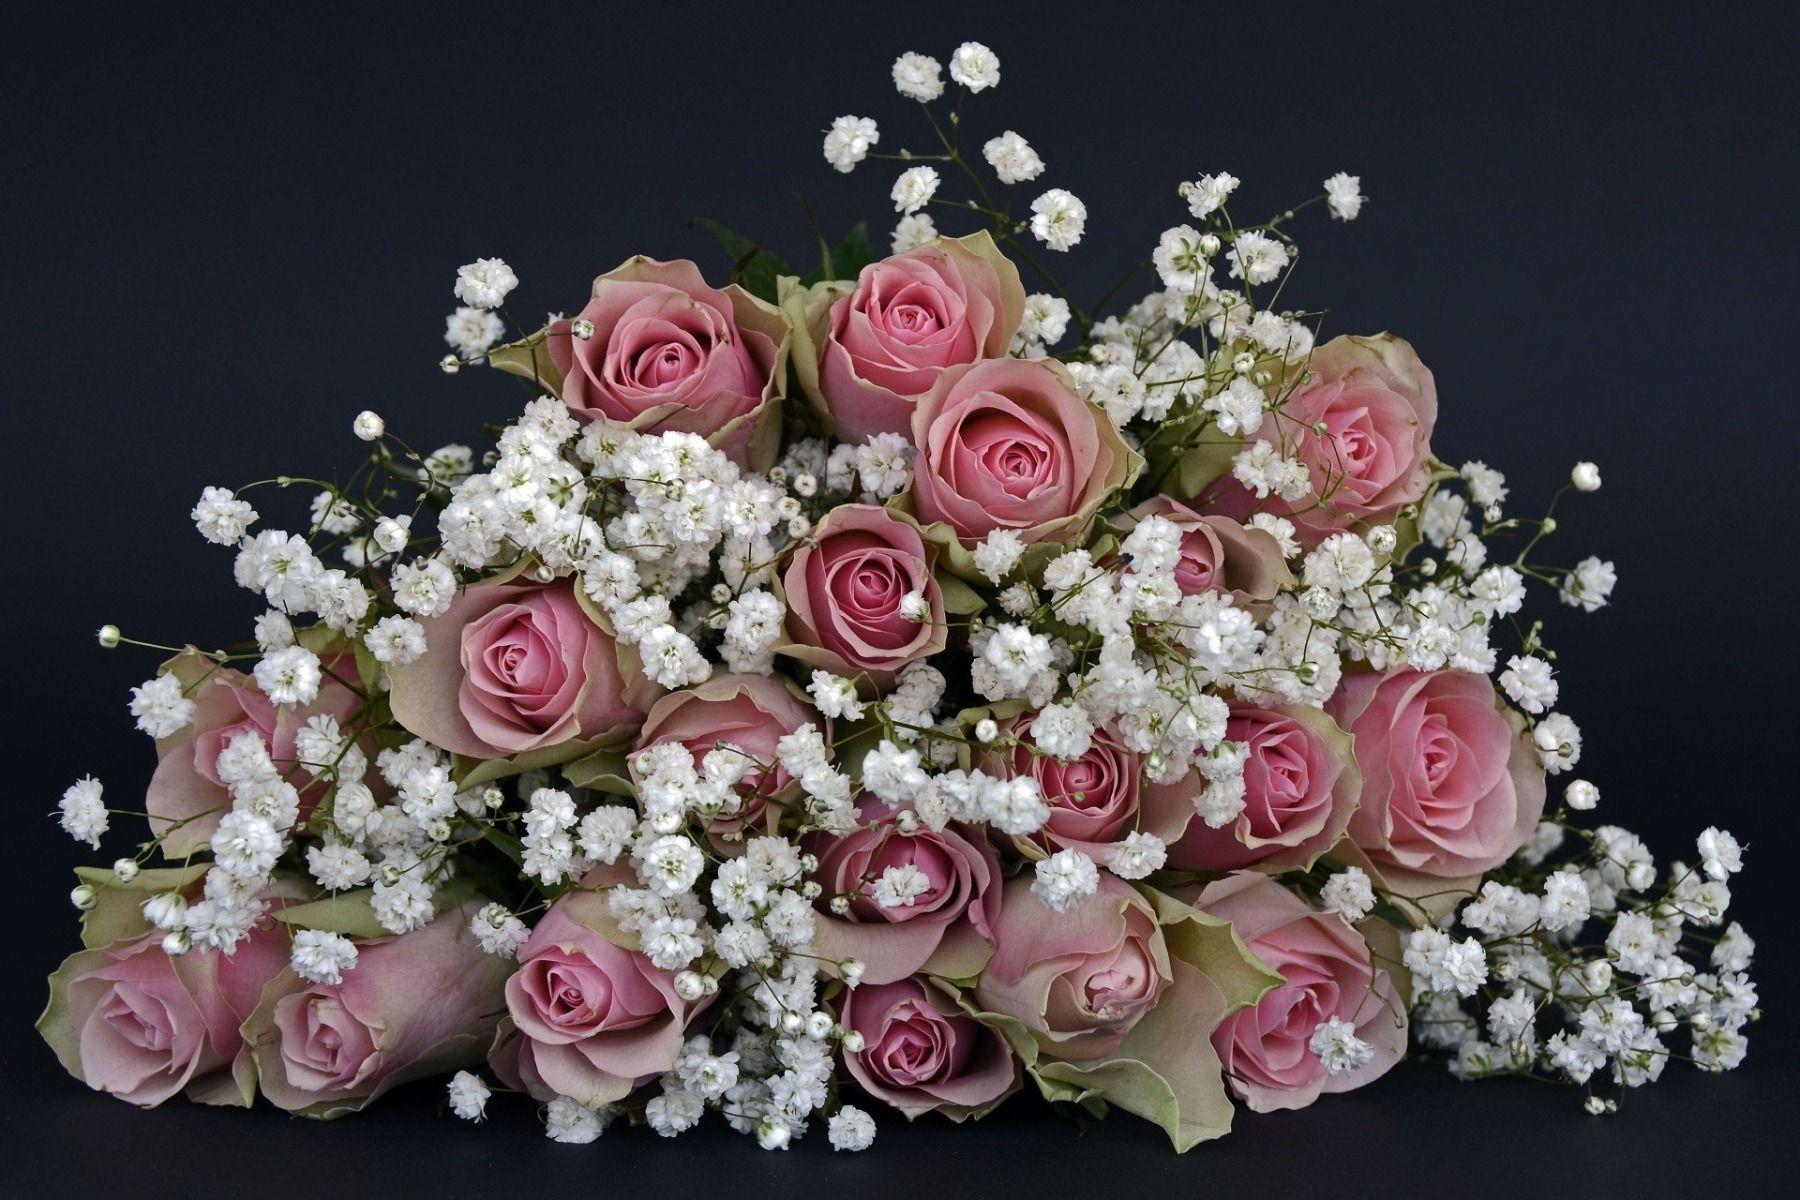 Comment Faire Un Bouquet De Roses comment conserver un bouquet de fleurs plus longtemps ?